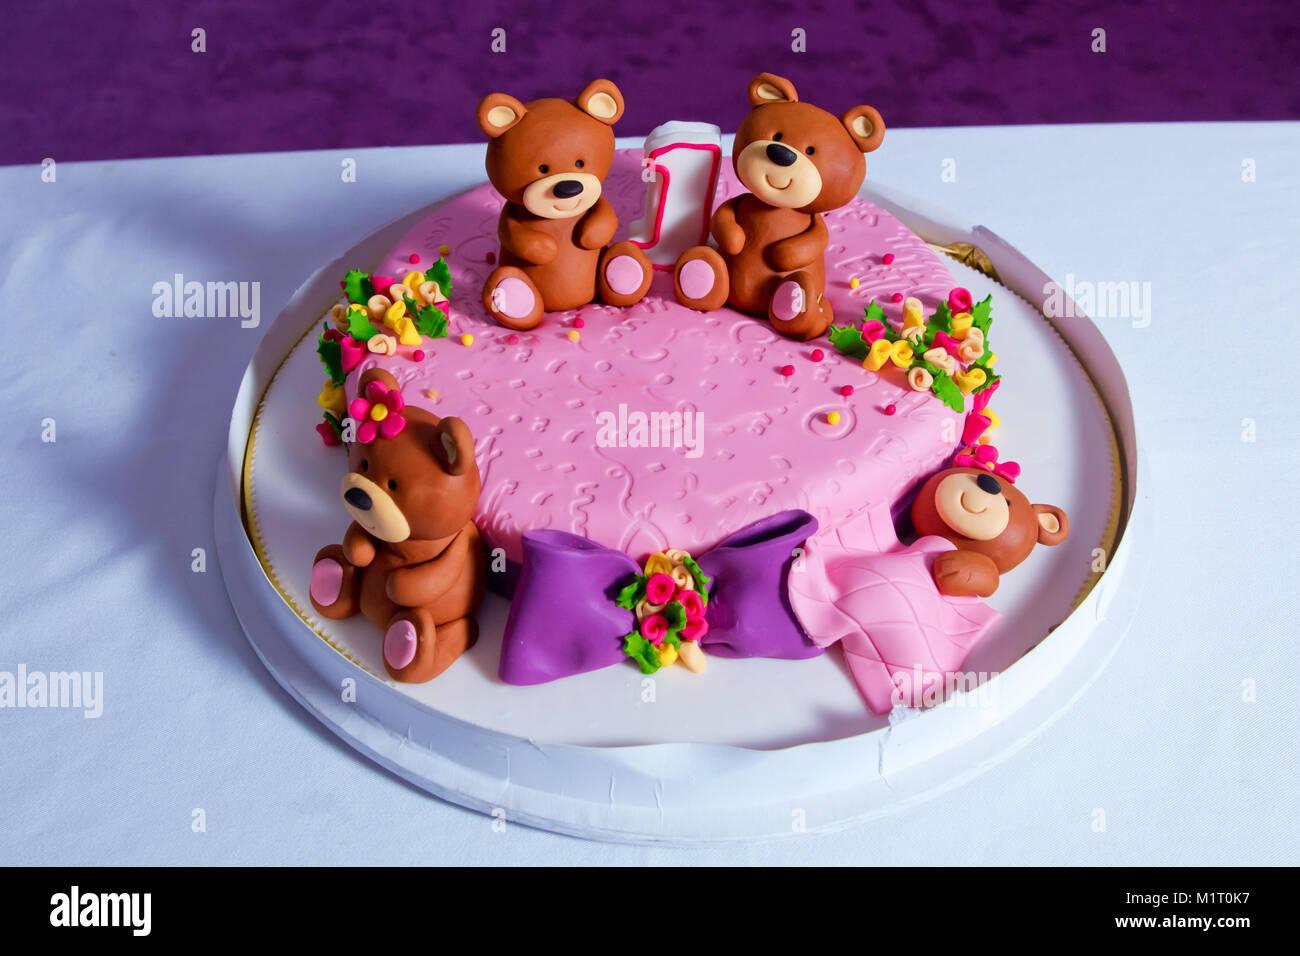 Schone Kuchen Zum Geburtstag Grossformat Folie Ballone Happy